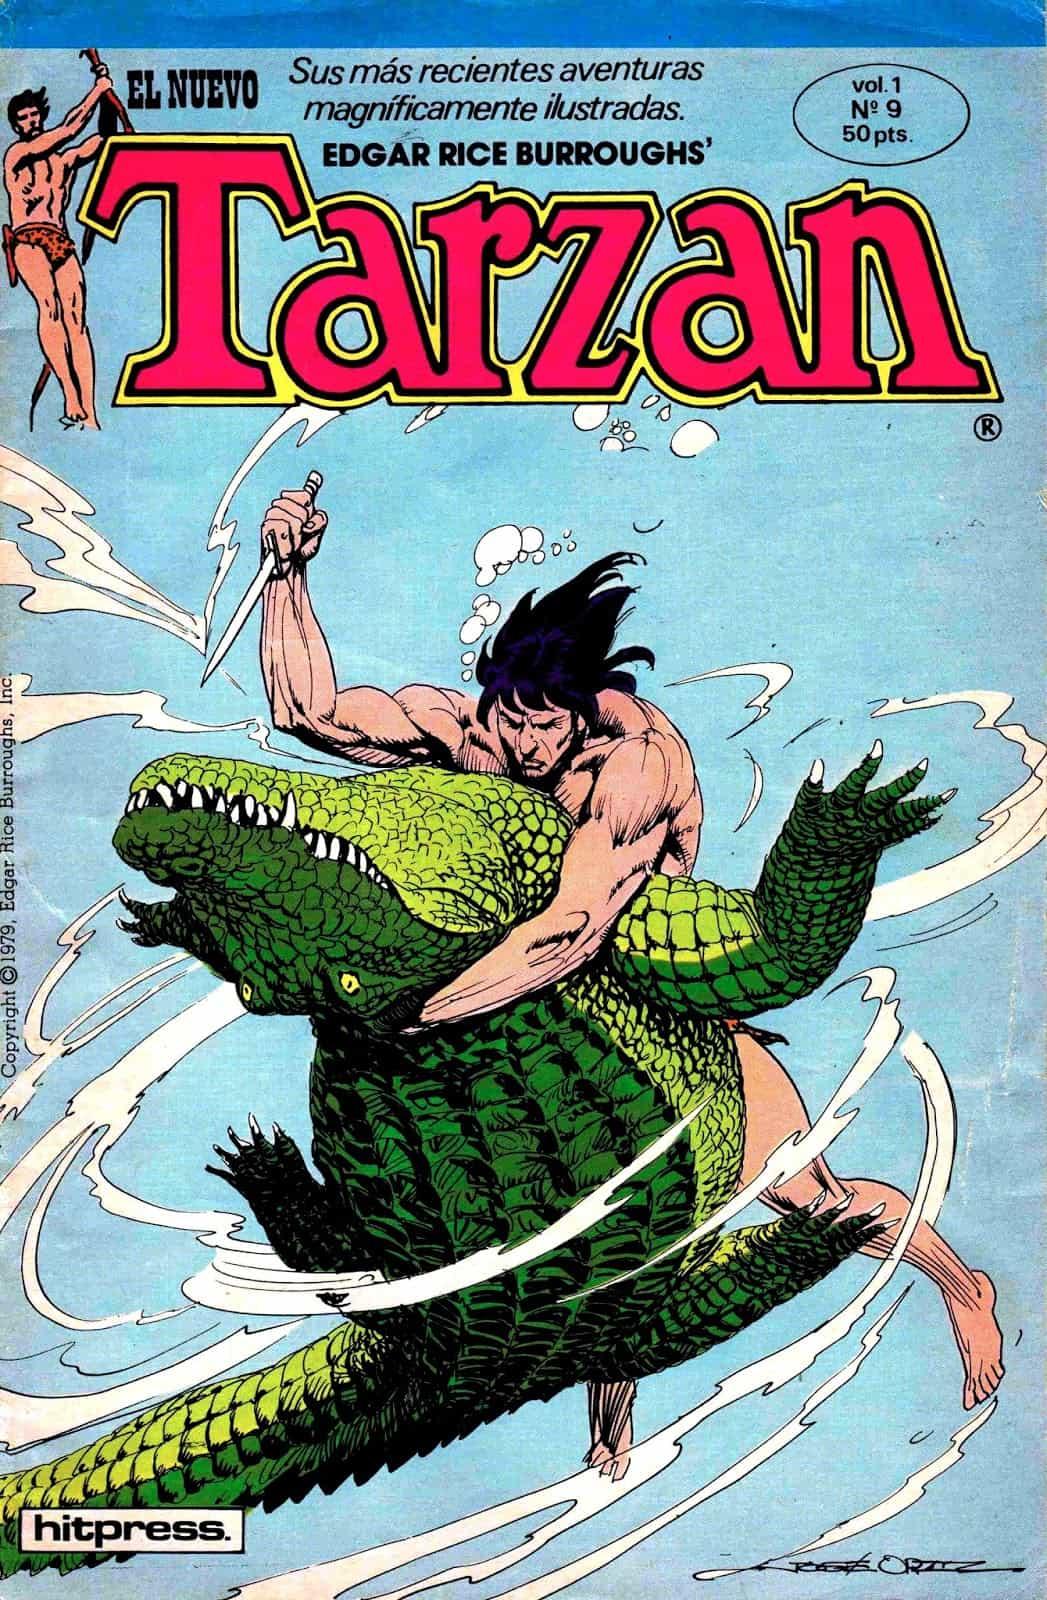 El nuevo Tarzan #9